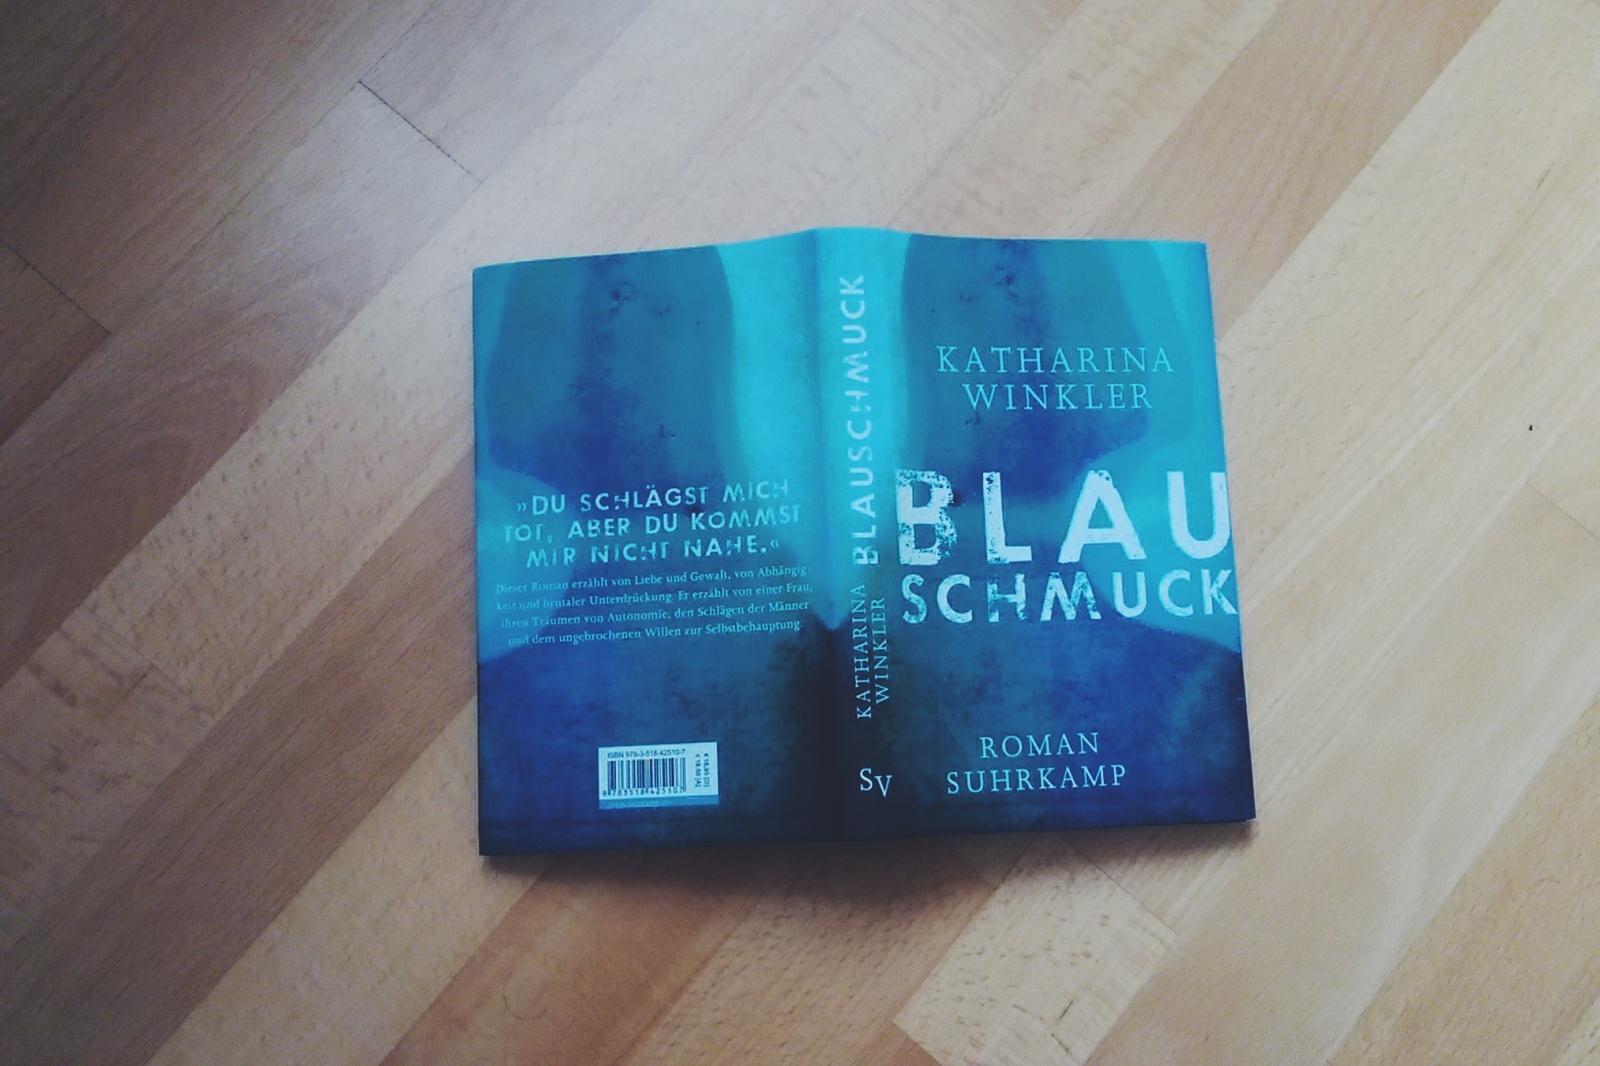 blauschmuck katharina winkler 54books rezension